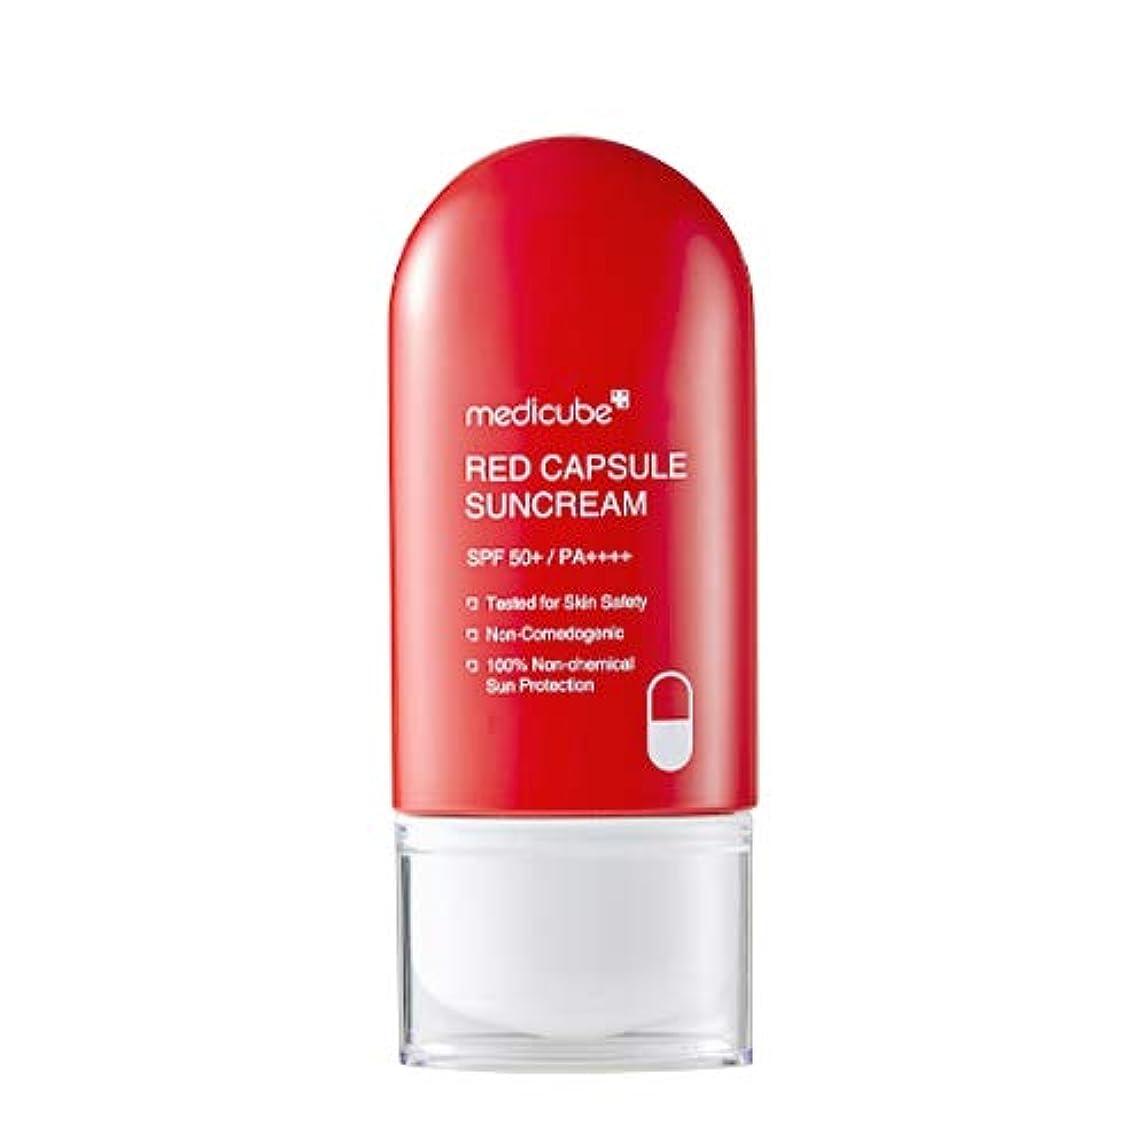 会計士生活あからさまメディキューブ日本公式(medicube) レッドカプセルサンクリーム MEDICUBE RED CAPSULE SUNCREAM 30g